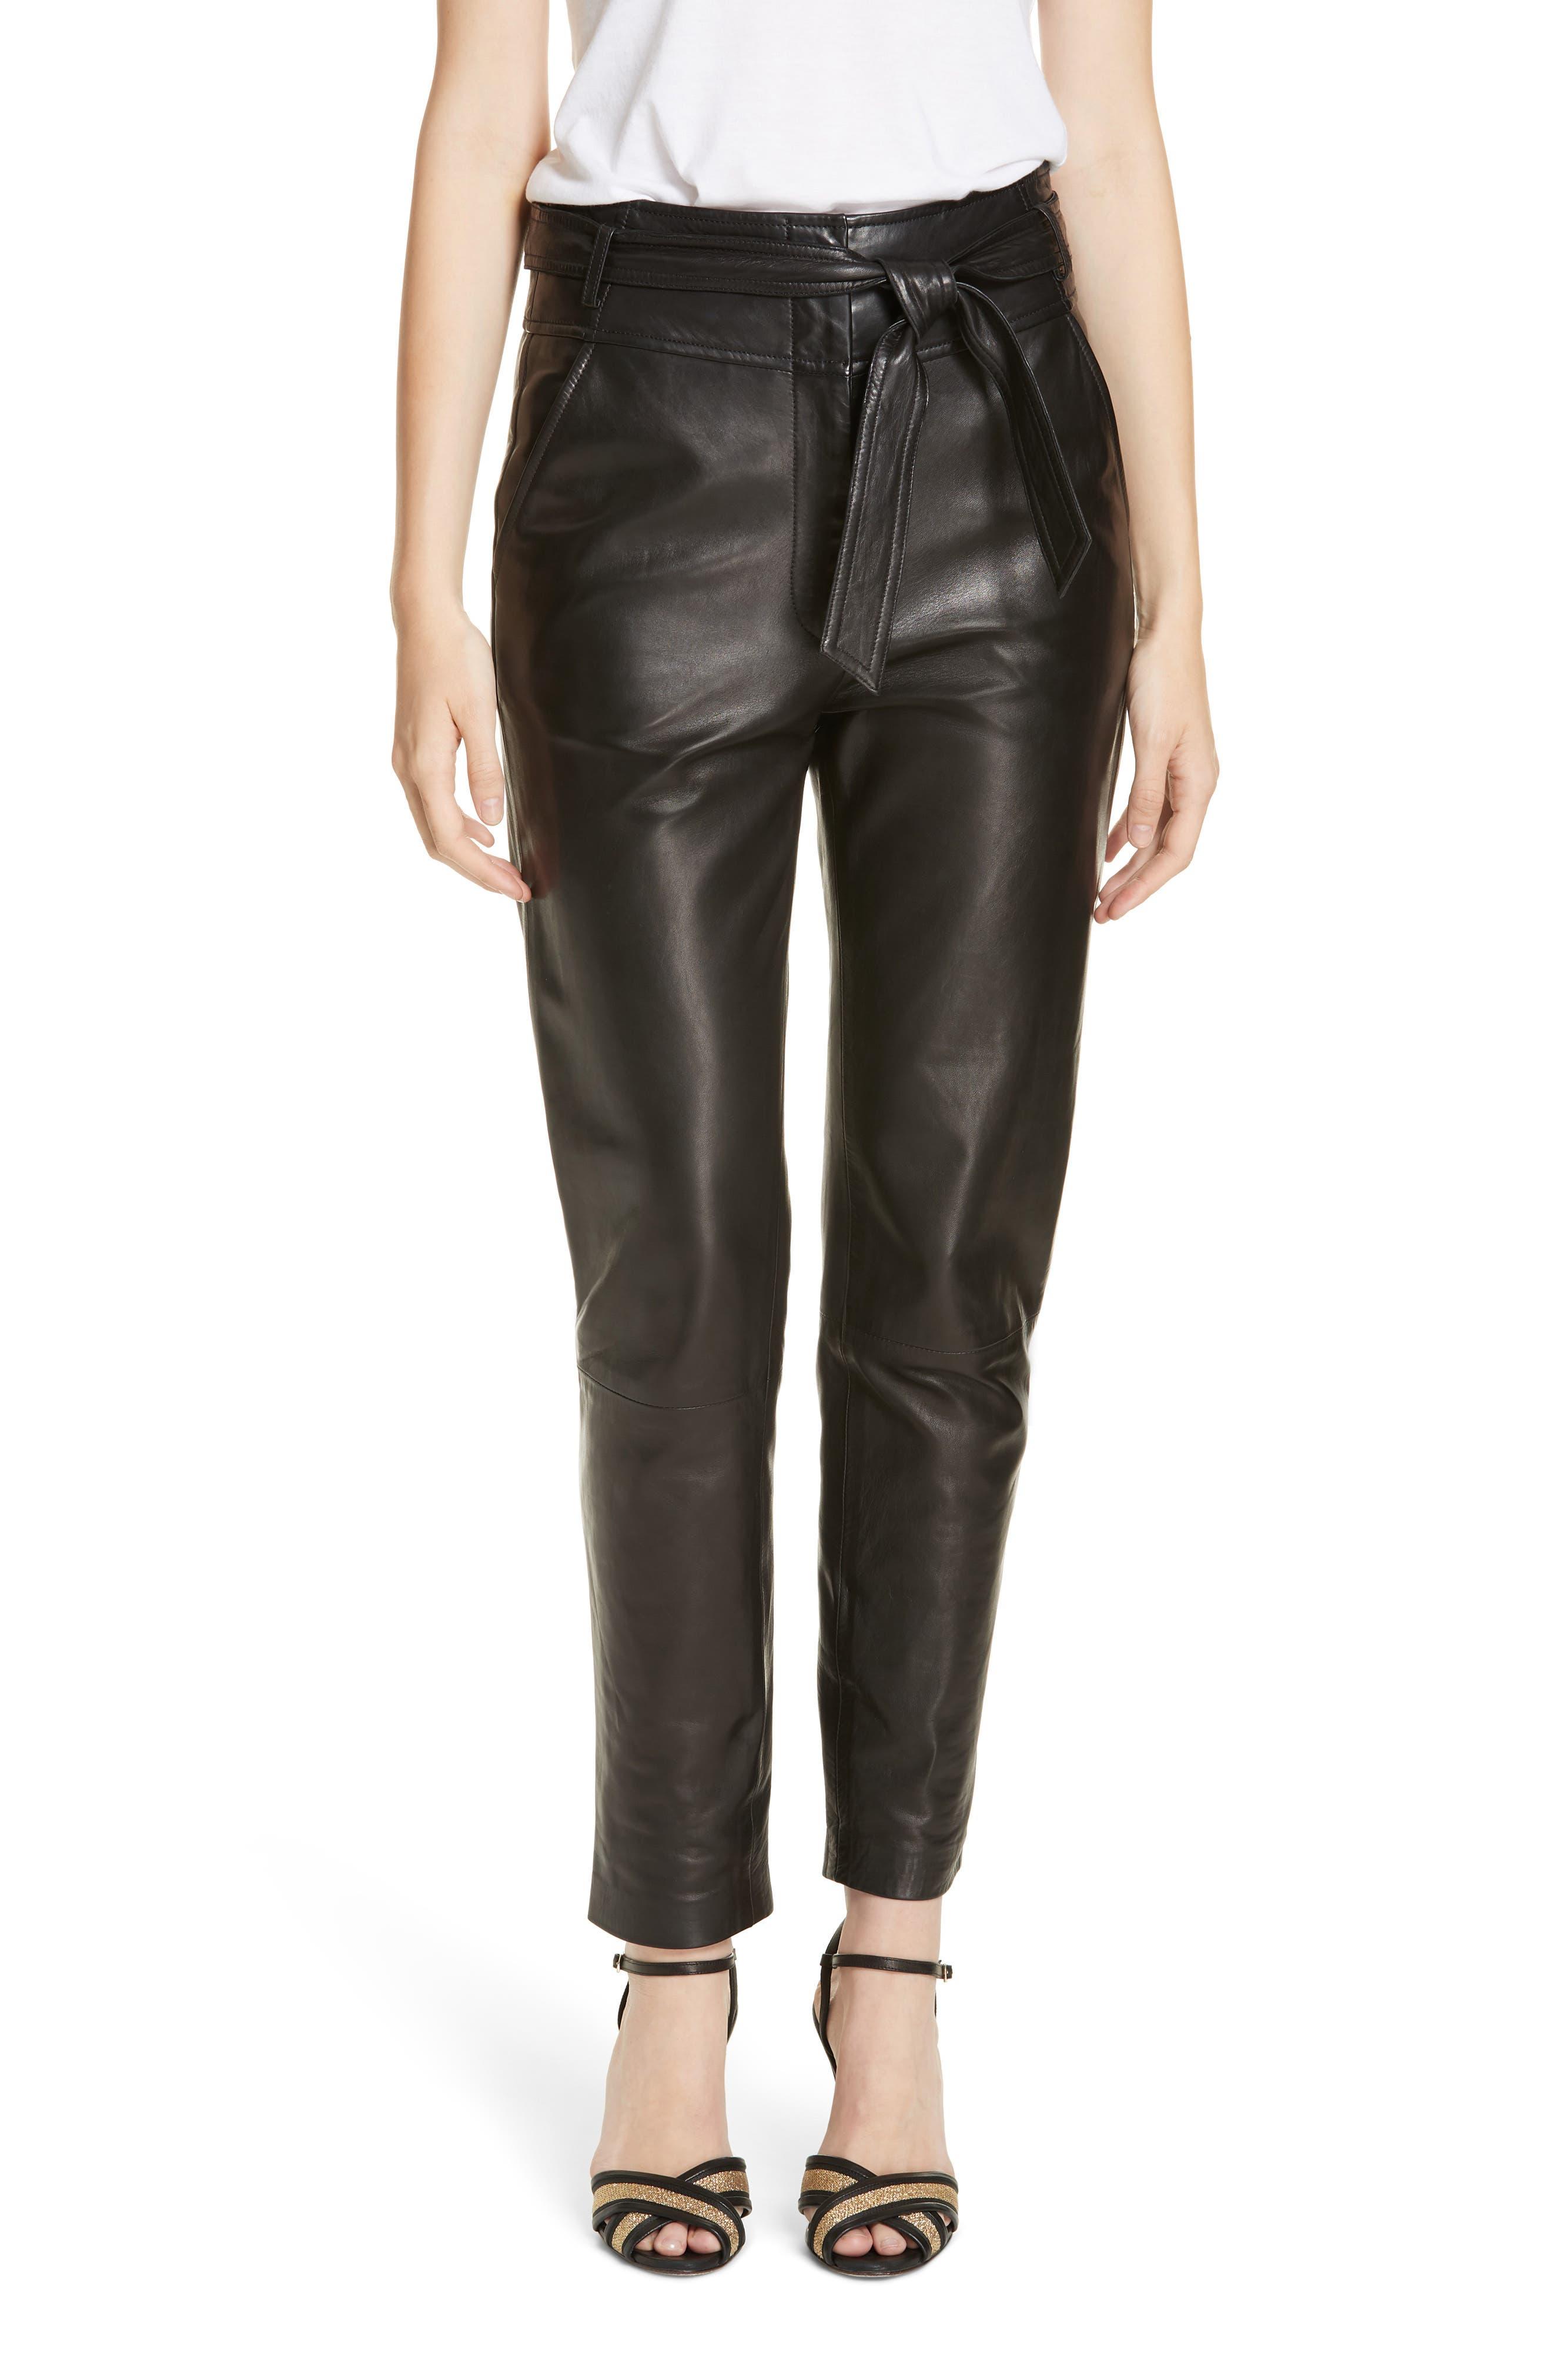 Faxon Leather Pants,                             Main thumbnail 1, color,                             001